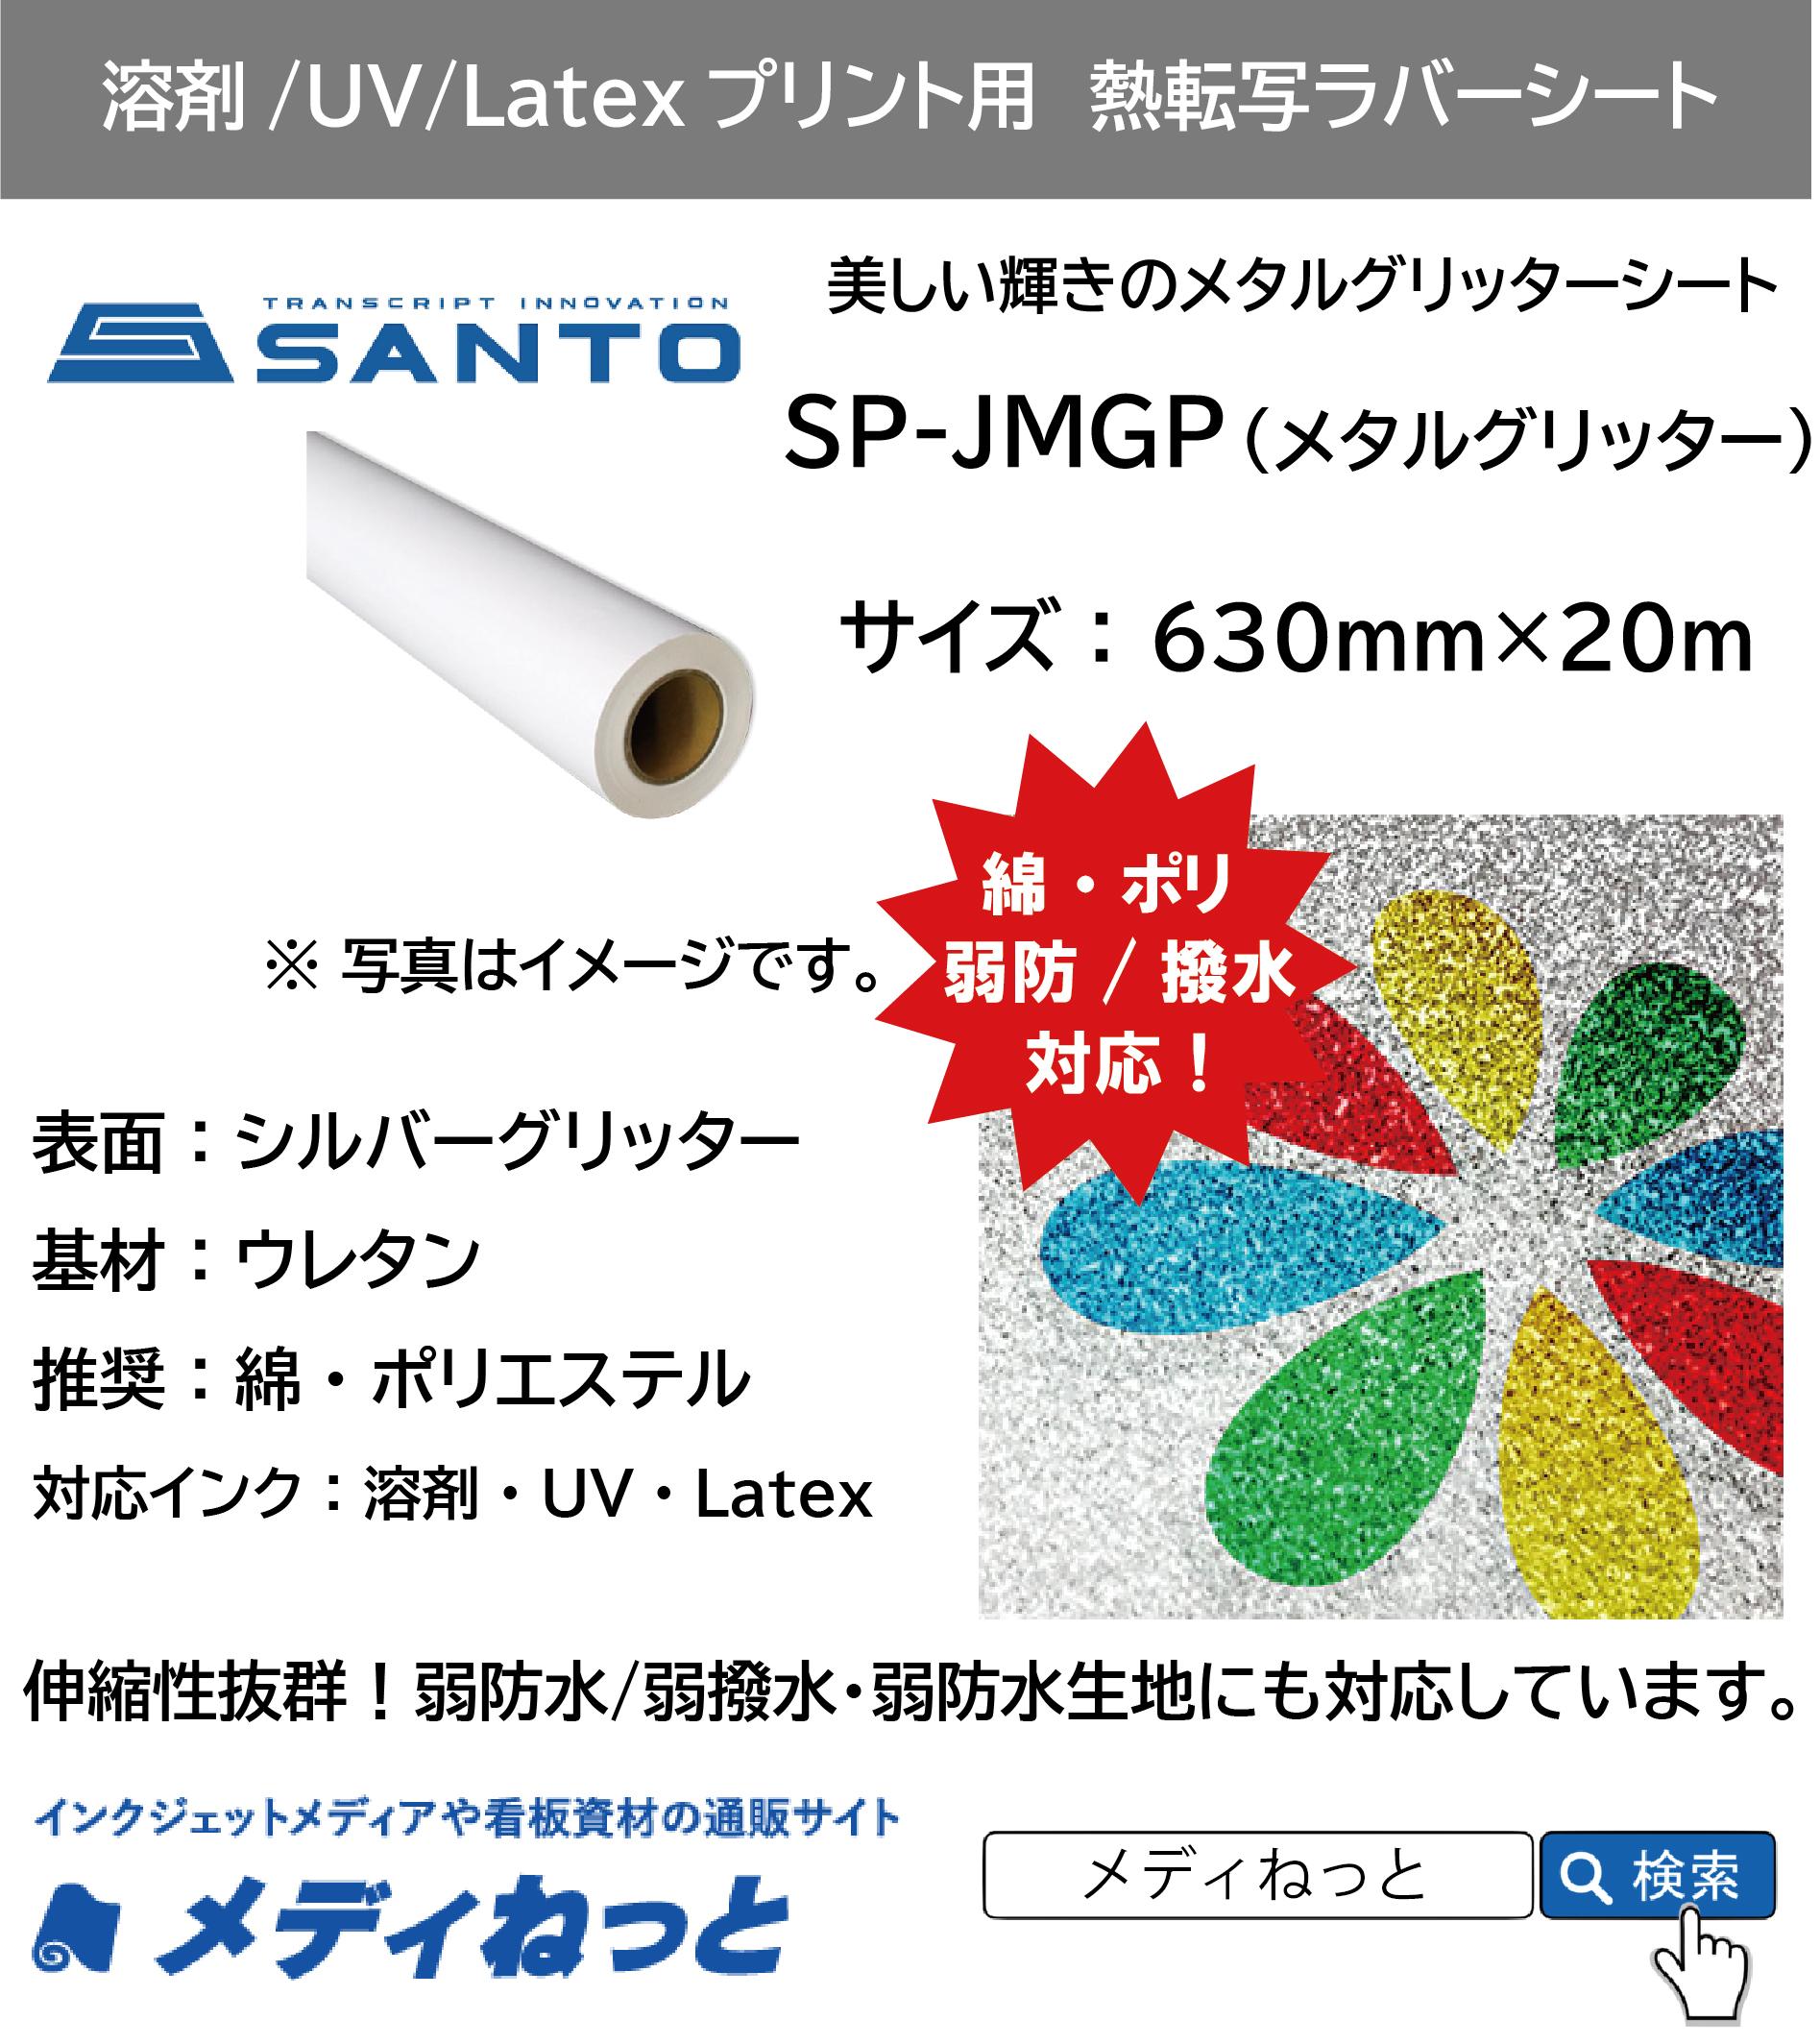 【溶剤、UV、Latex対応】熱転写用ラバーシート SP-JMGP メタルグリッター 630mm×20M